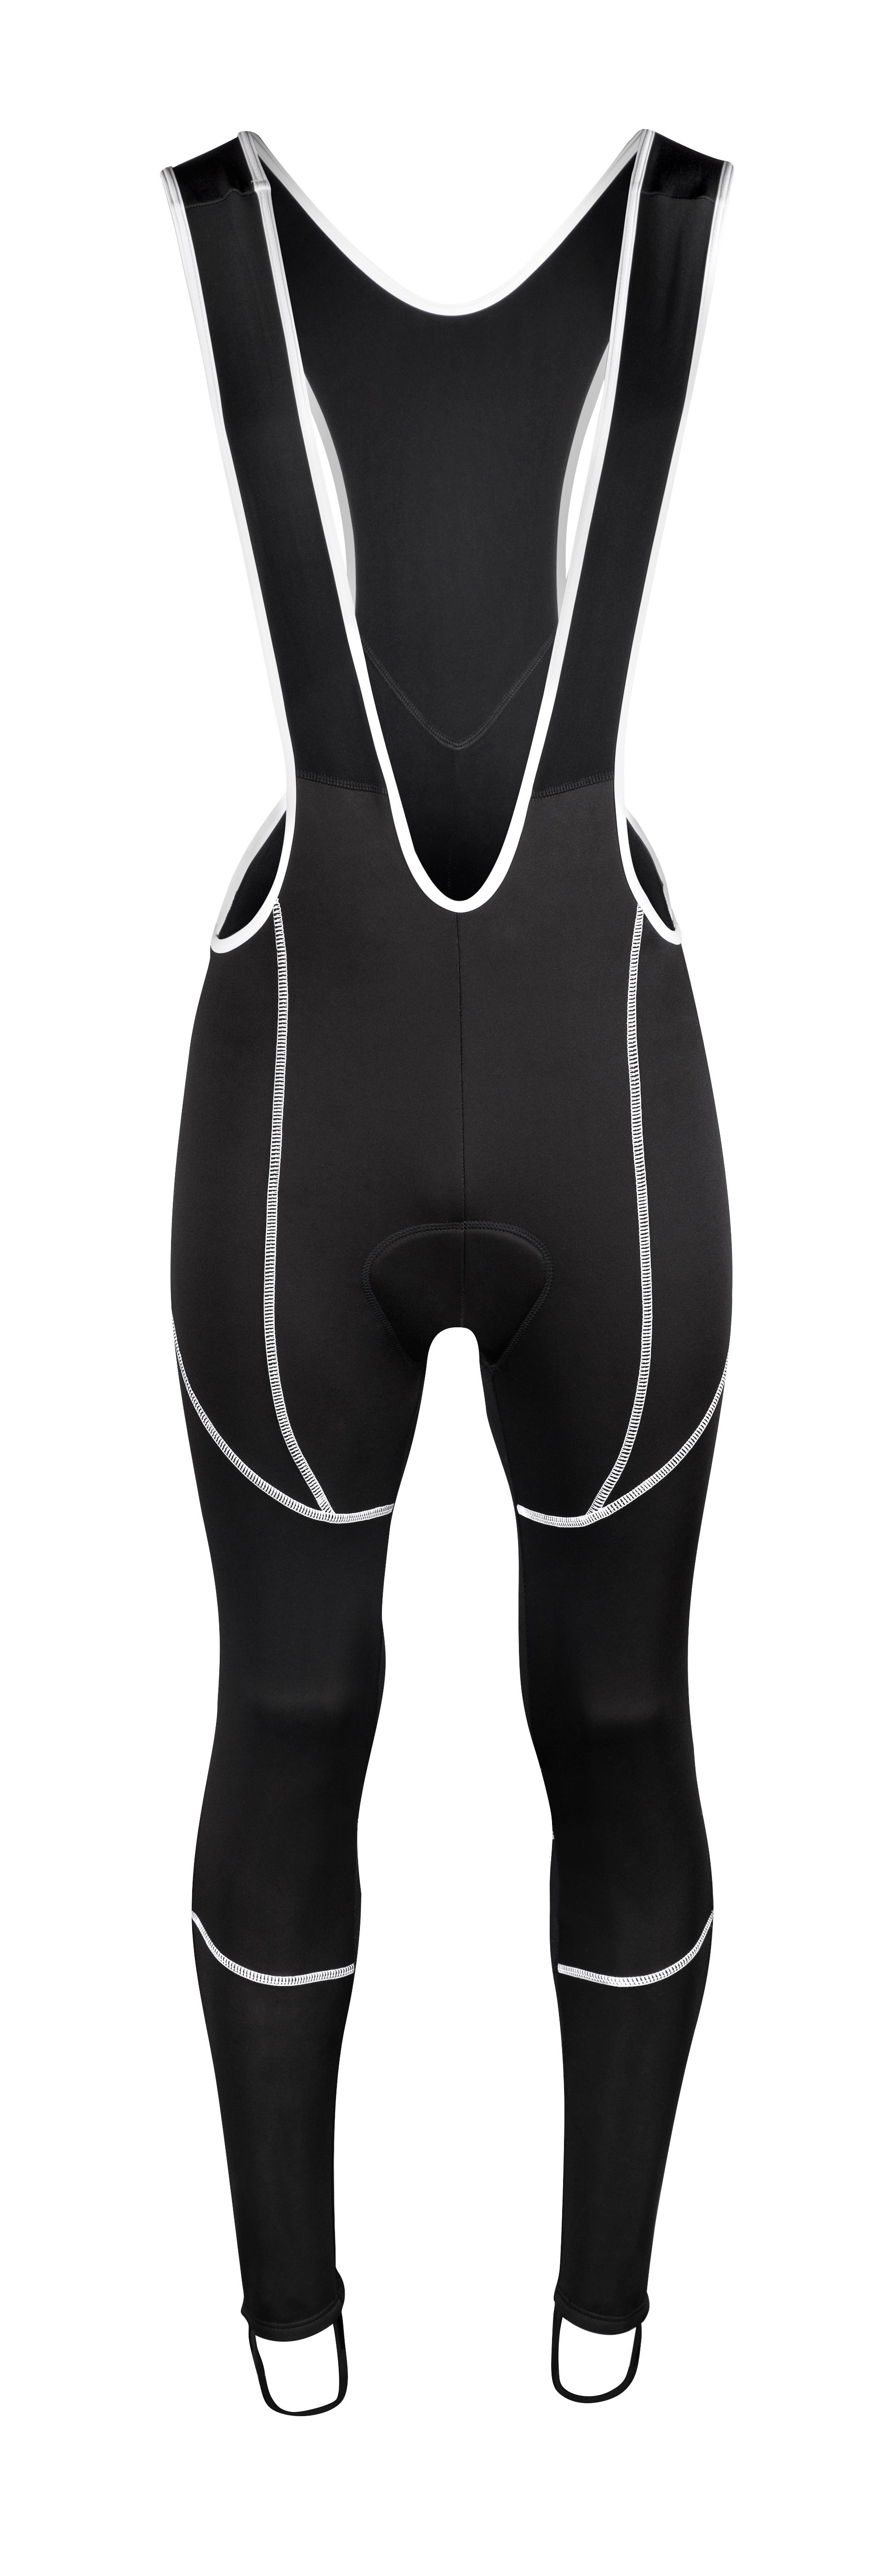 kalhoty FORCE Z70 se šráky s vložkou, černé XS